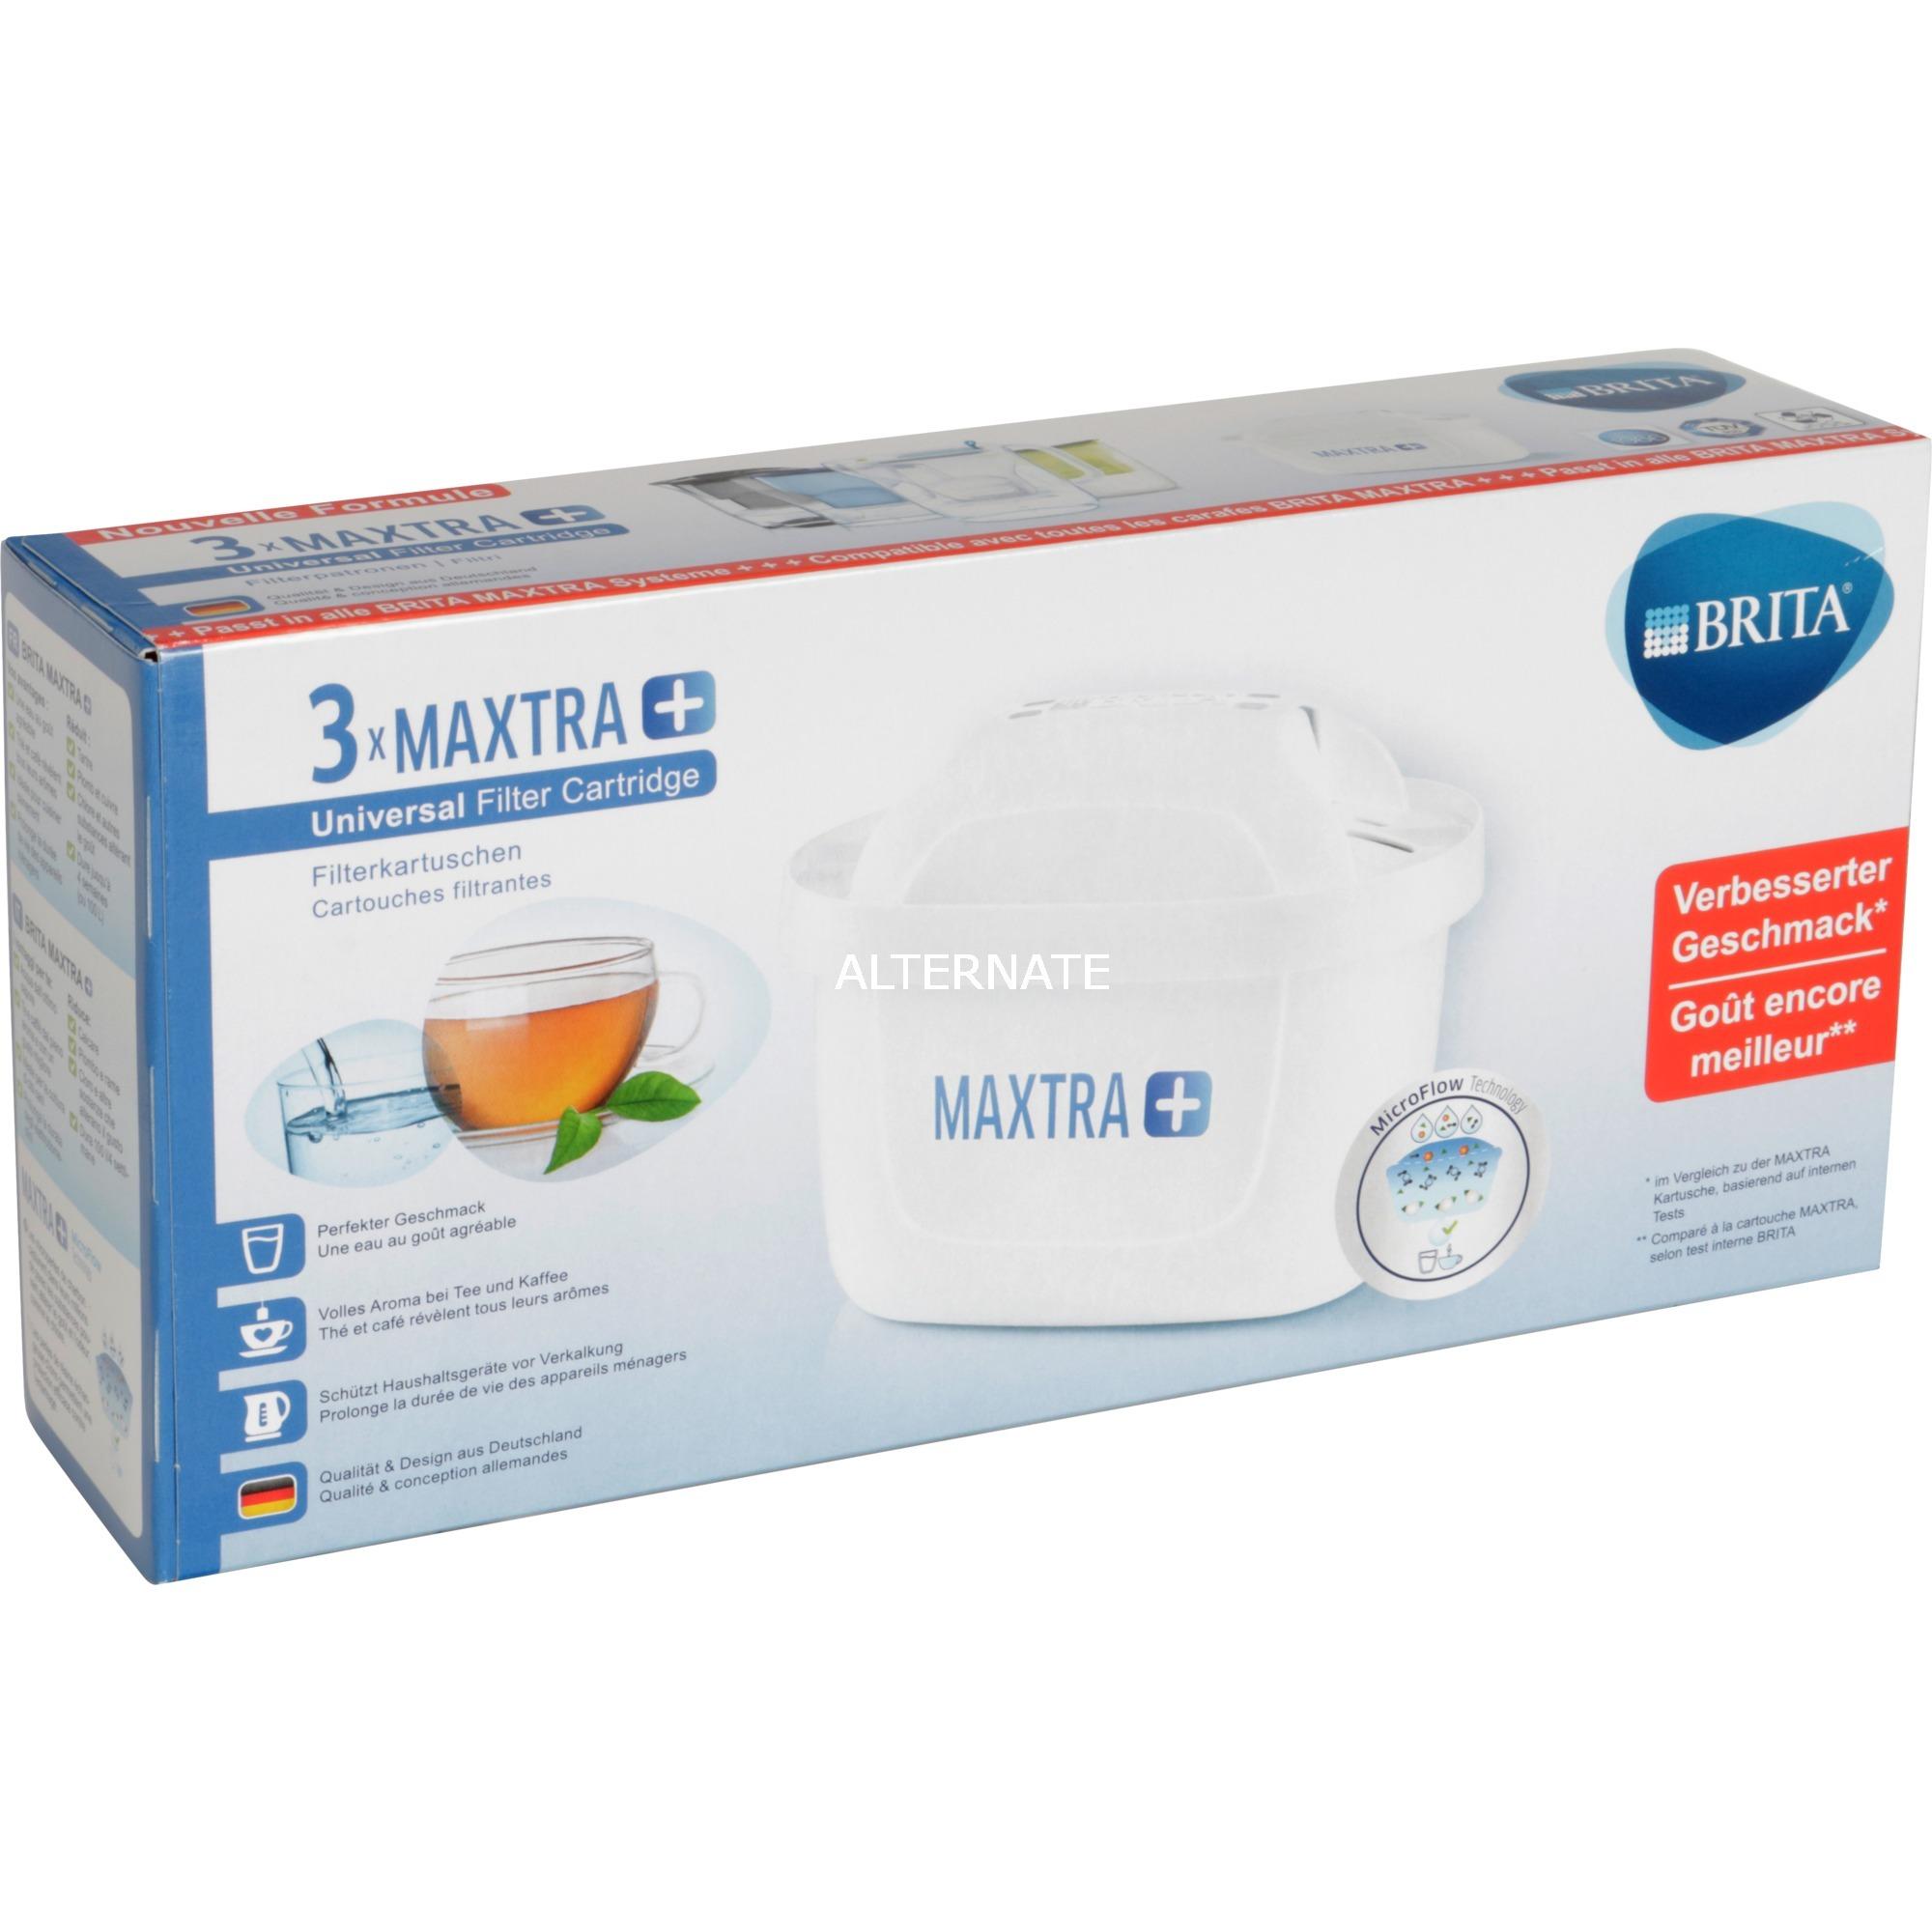 Brita MAXTRA+ Pack 3, Trinkwasserfilter